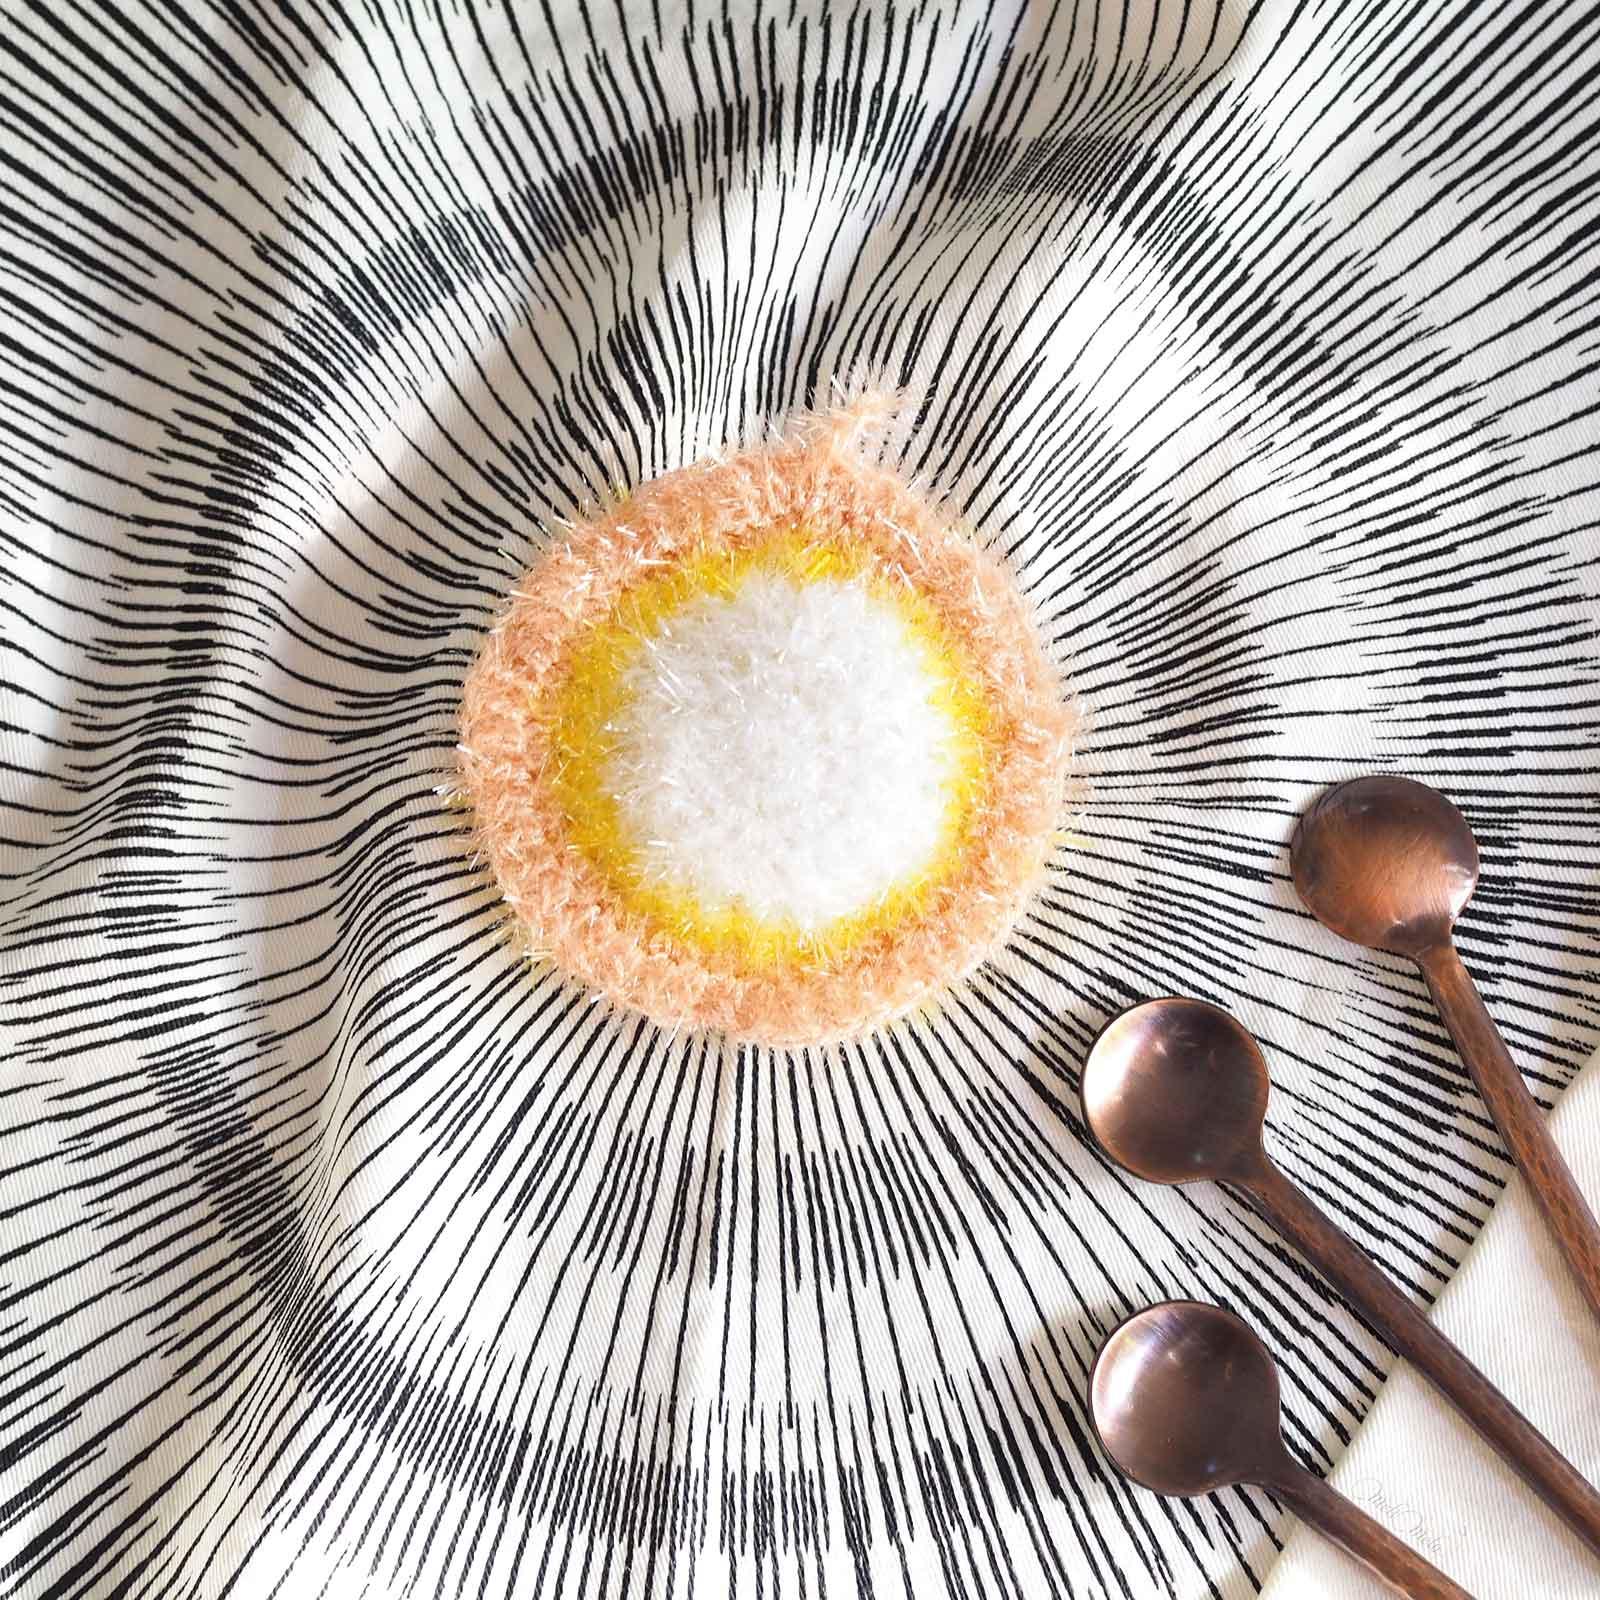 Éponge Tawashi pâquerette pile creative bubble rico design laboutiquedemelimelo